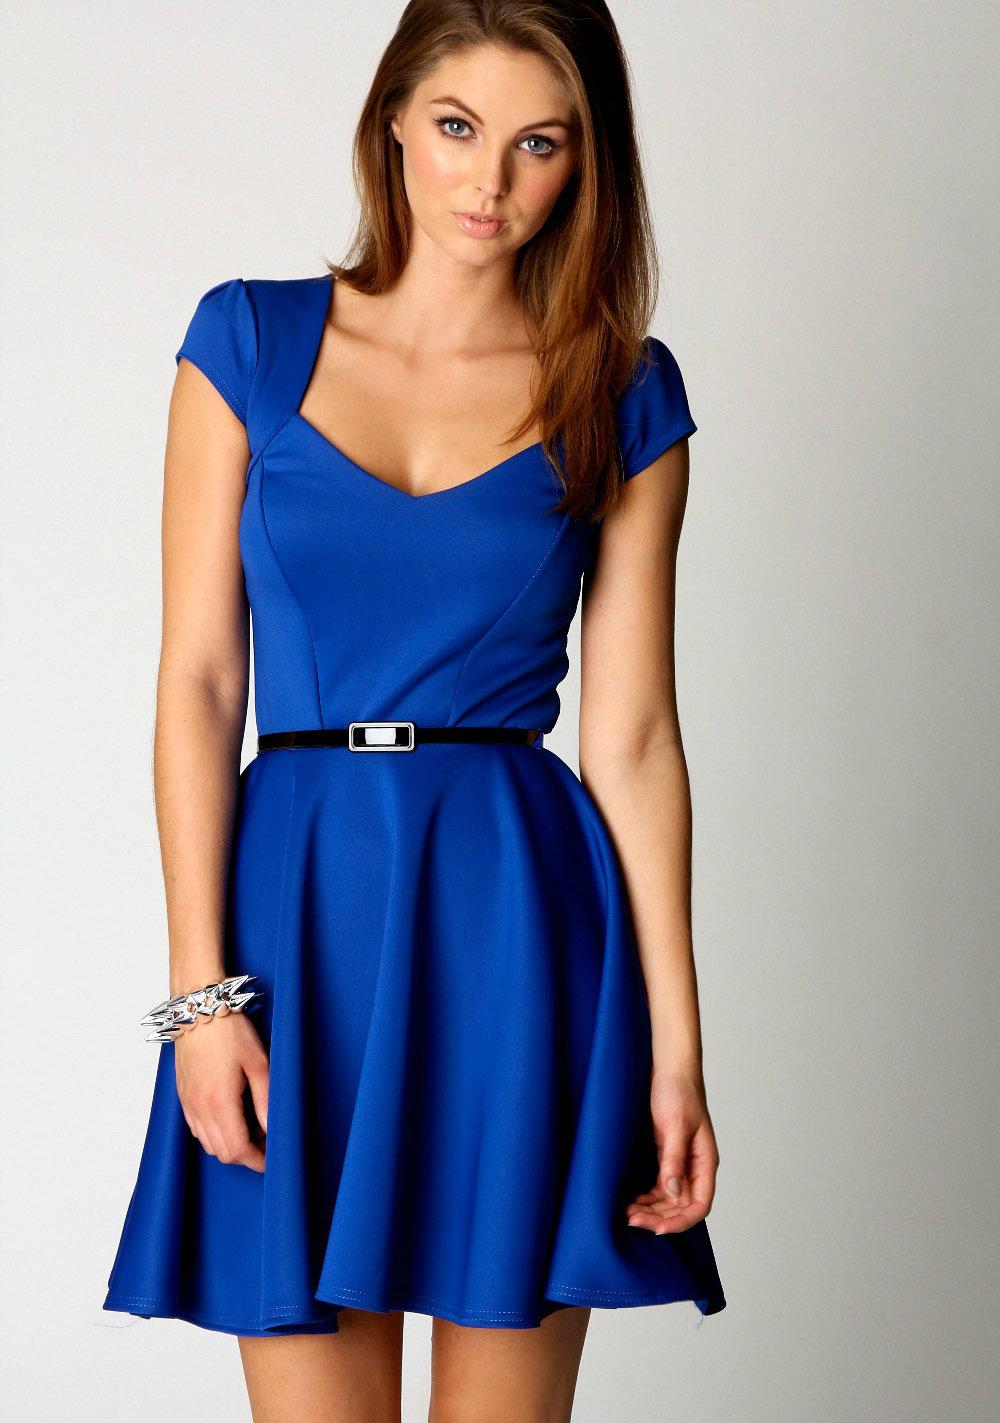 фото с синим платьем если